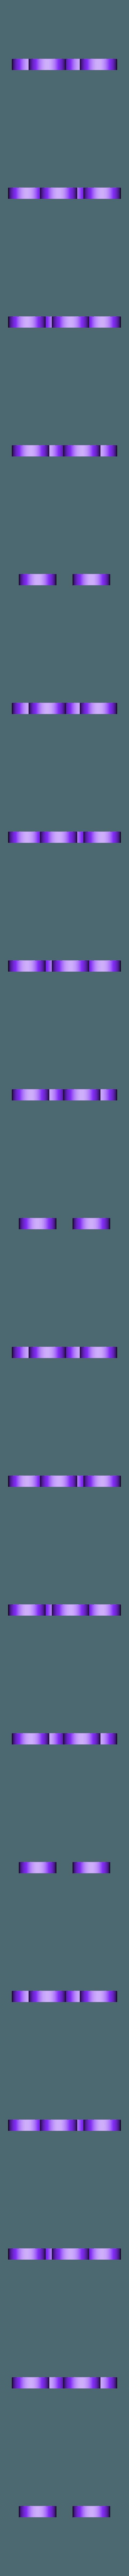 Anet_8_LCD_Washers.stl Télécharger fichier STL gratuit Boîtier LCD AM8 Anet • Design à imprimer en 3D, Slava_Z